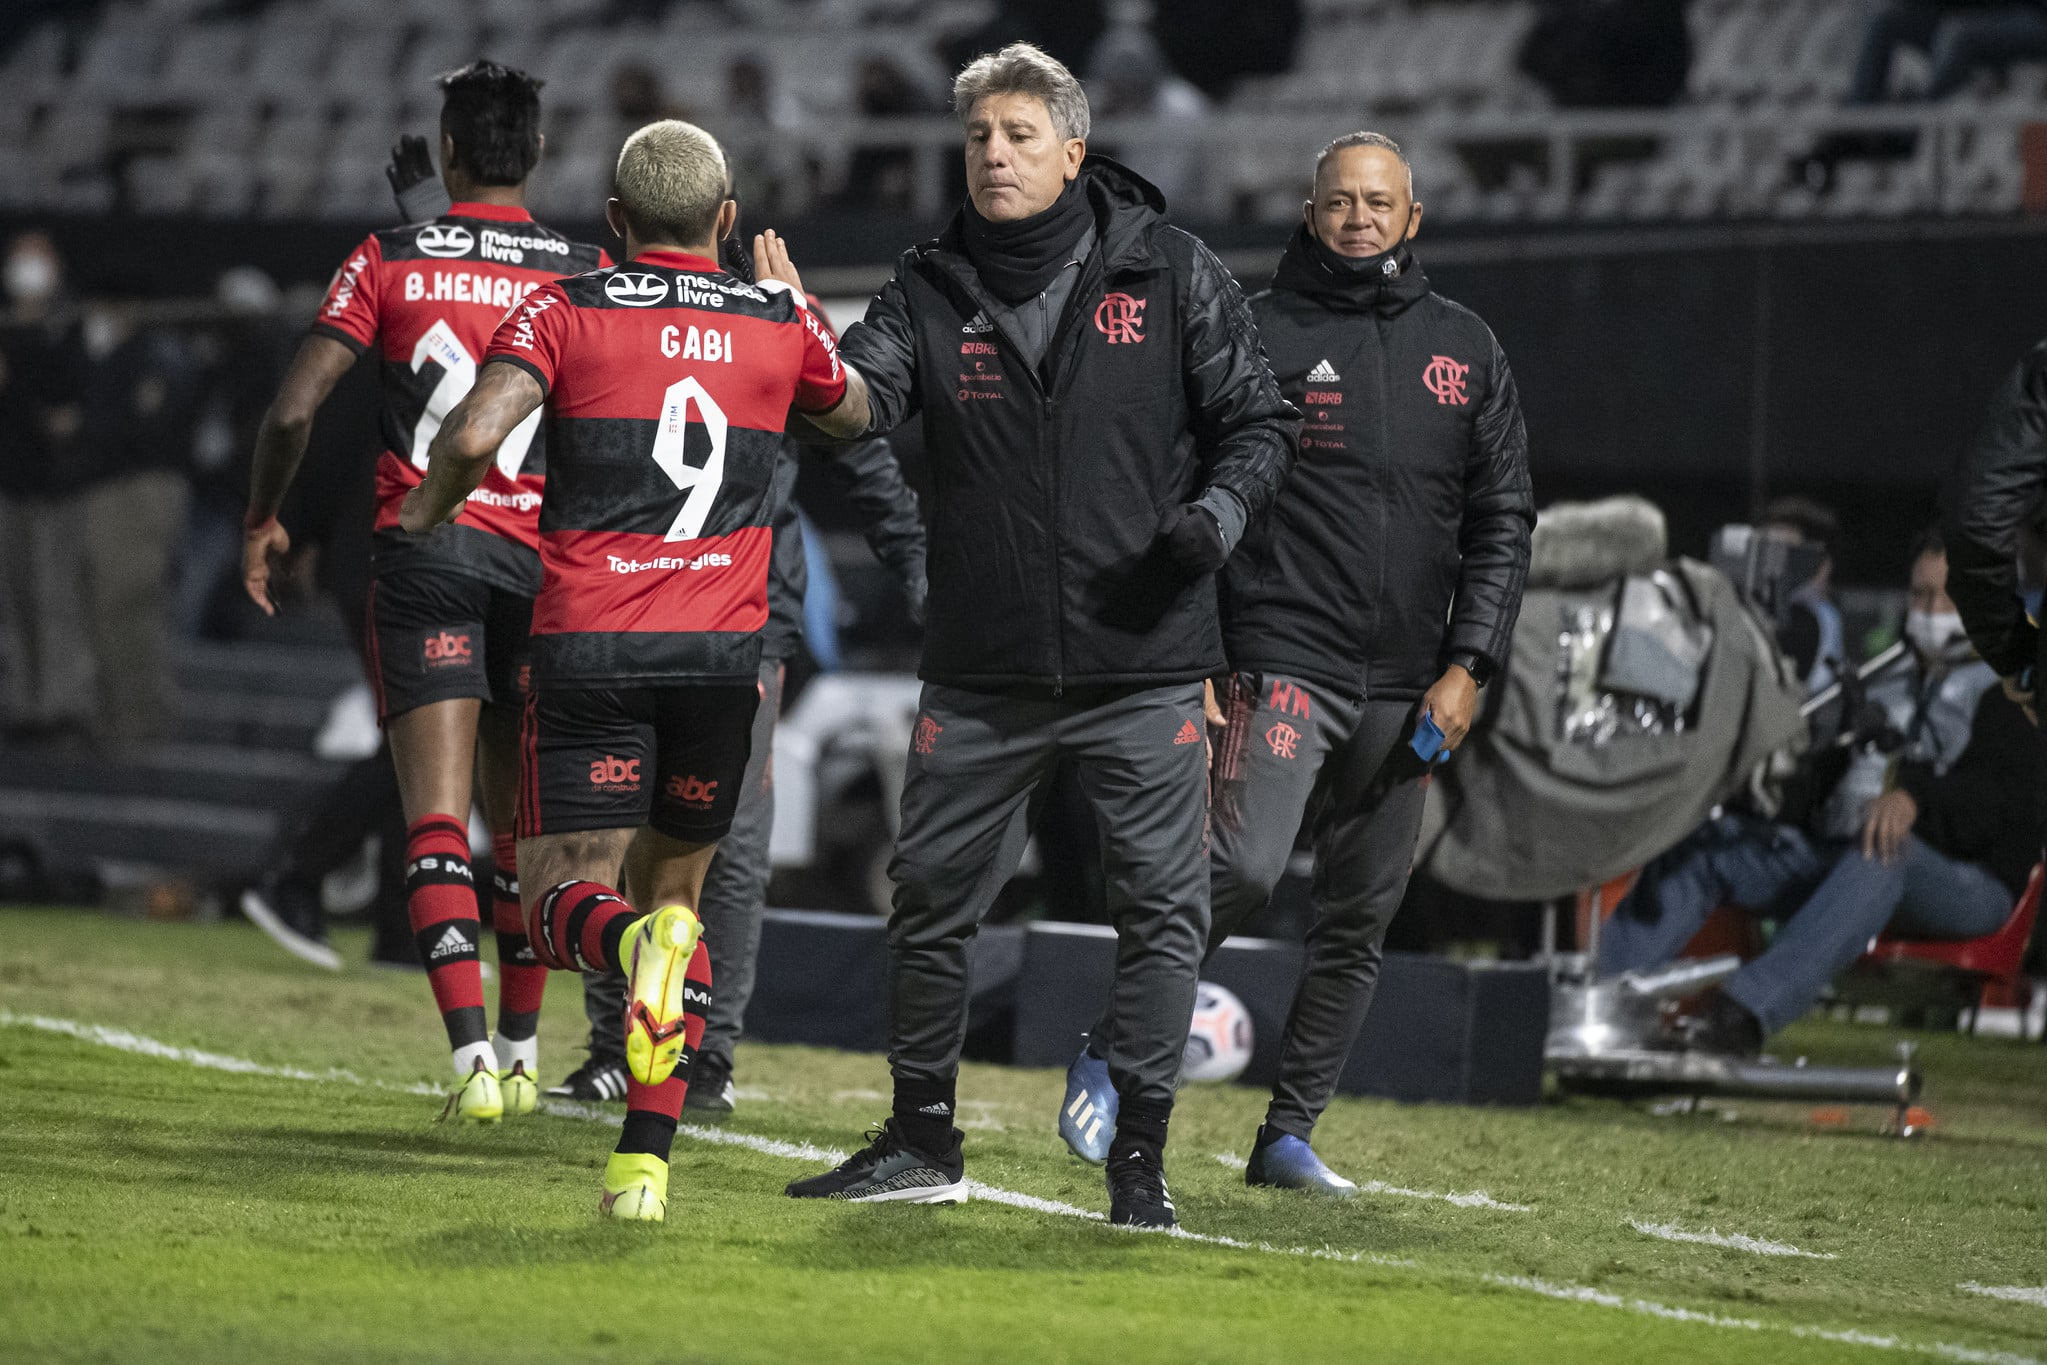 Sob comando do novo treinador, o Flamengo soma oito vitórias e apenas uma derrota. Dos triunfos, cinco tiveram placares elásticos